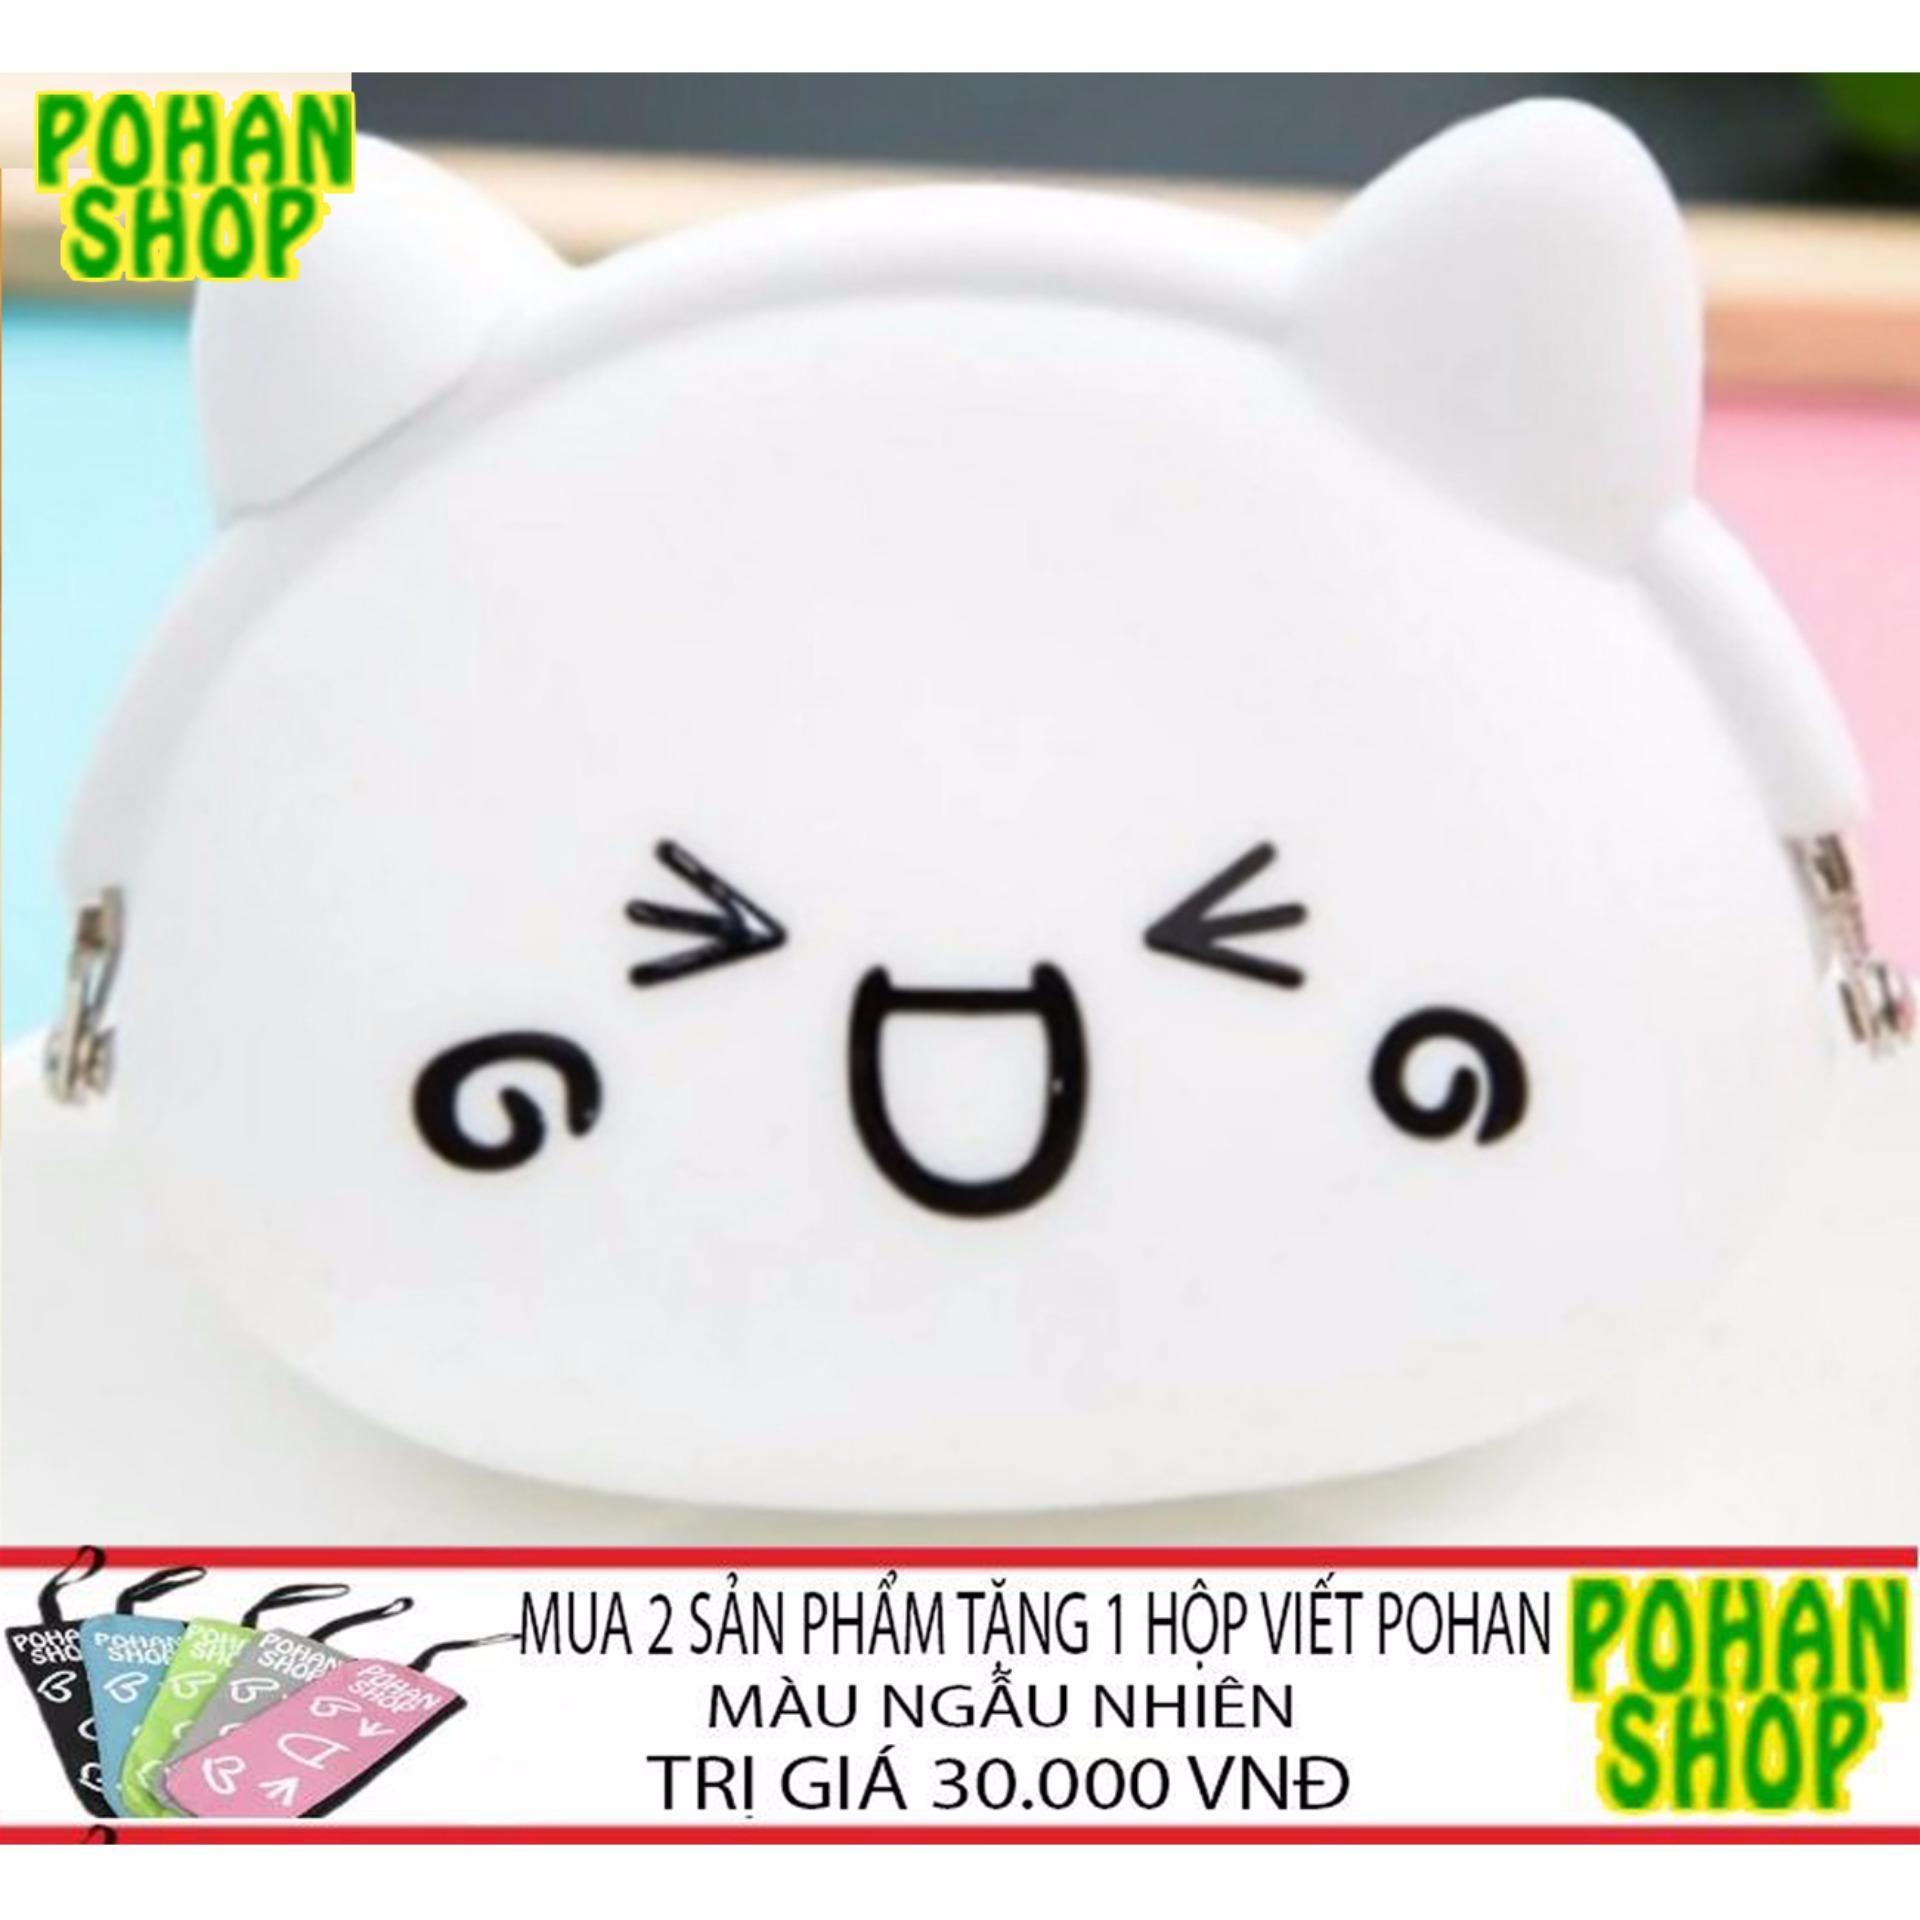 Bóp Ví Nữ Silicon Nhỏ Xinh POHAN SL4 (Tít Mắt)- tặng ví khi mua 2SP